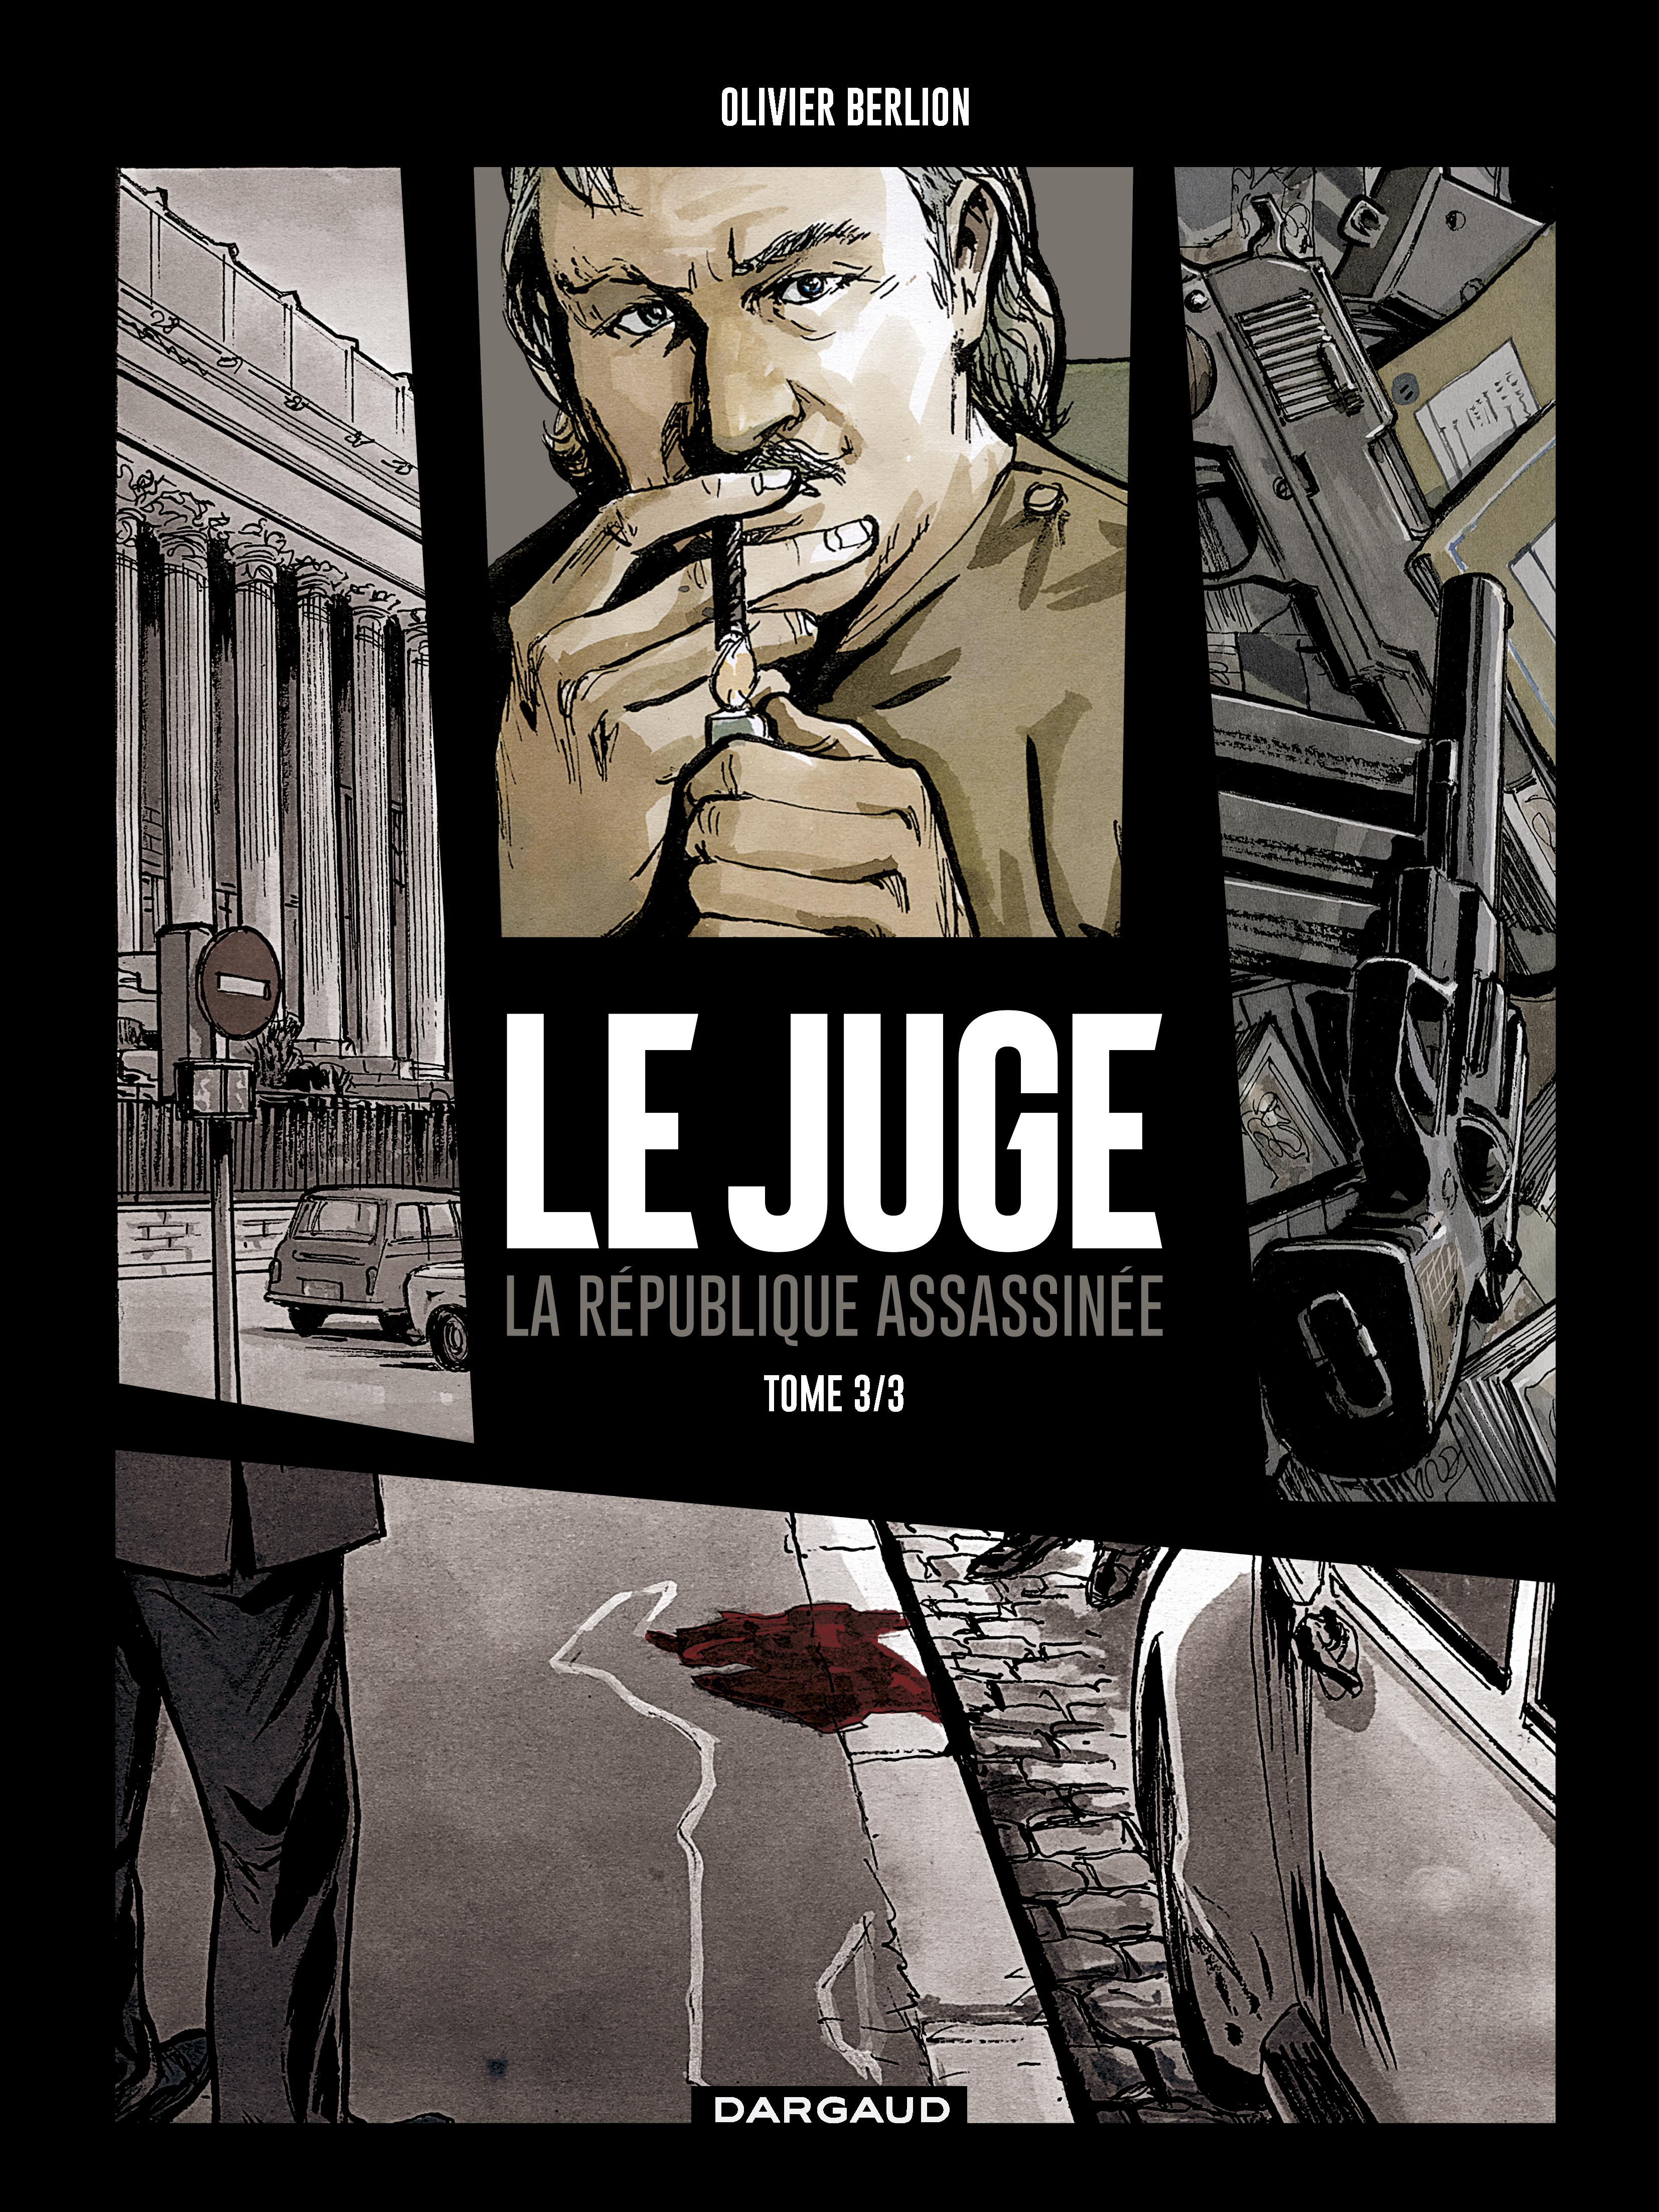 Le Juge, La République assassinée T3, épilogue mortel